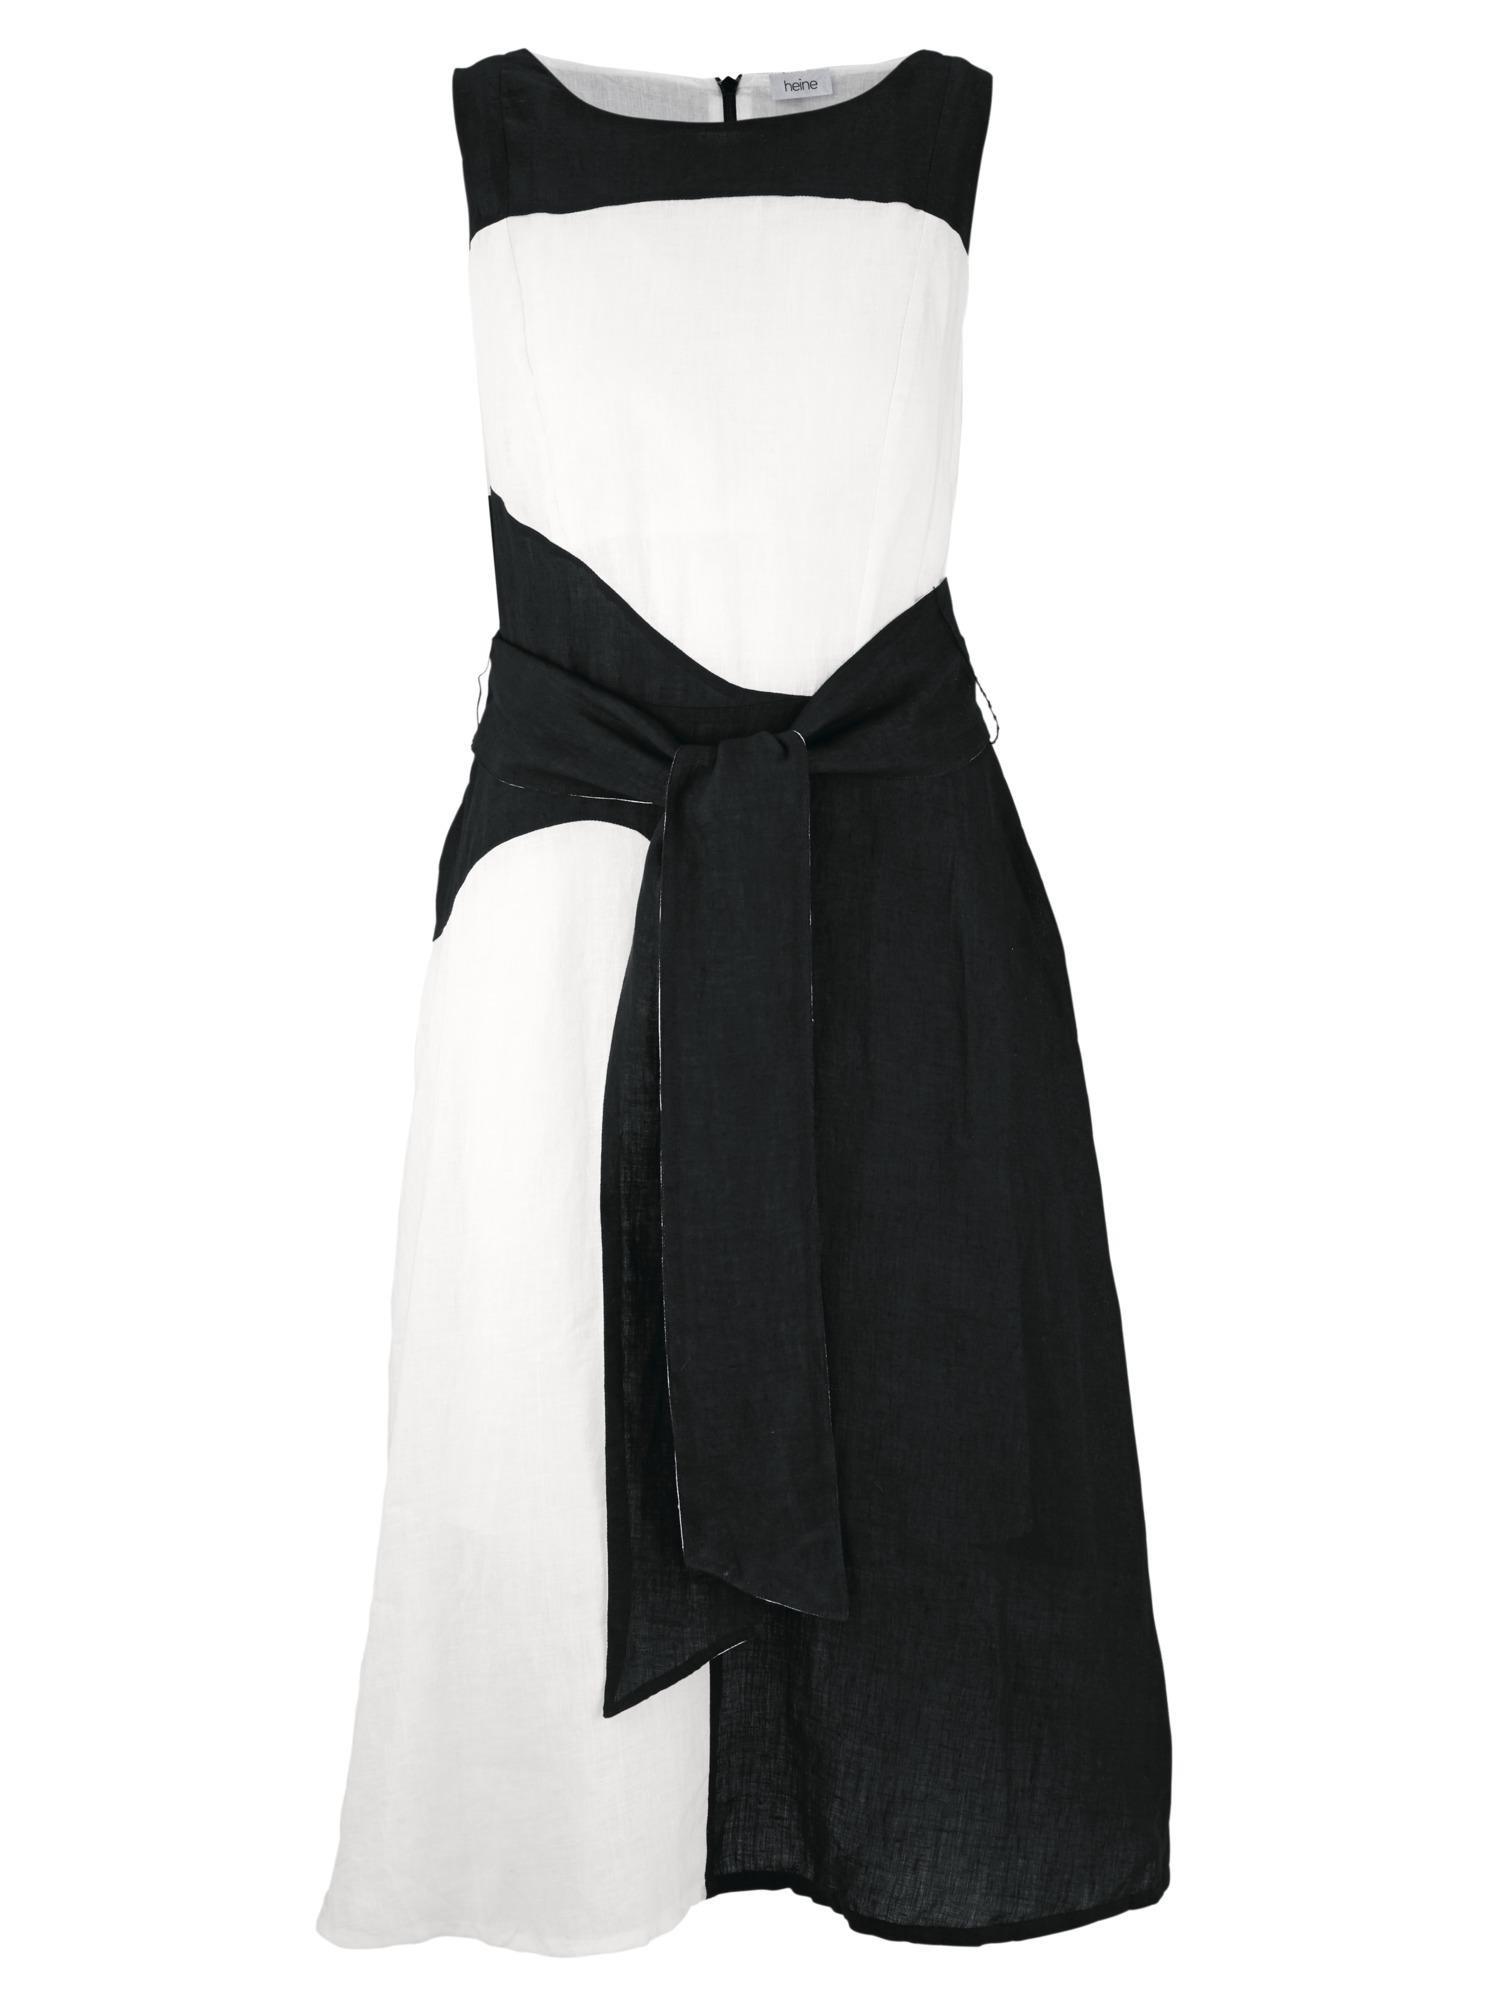 407c805b7c1f26 Heine Timeless Leggings. Afbeeldingsbron  Linnen jurk